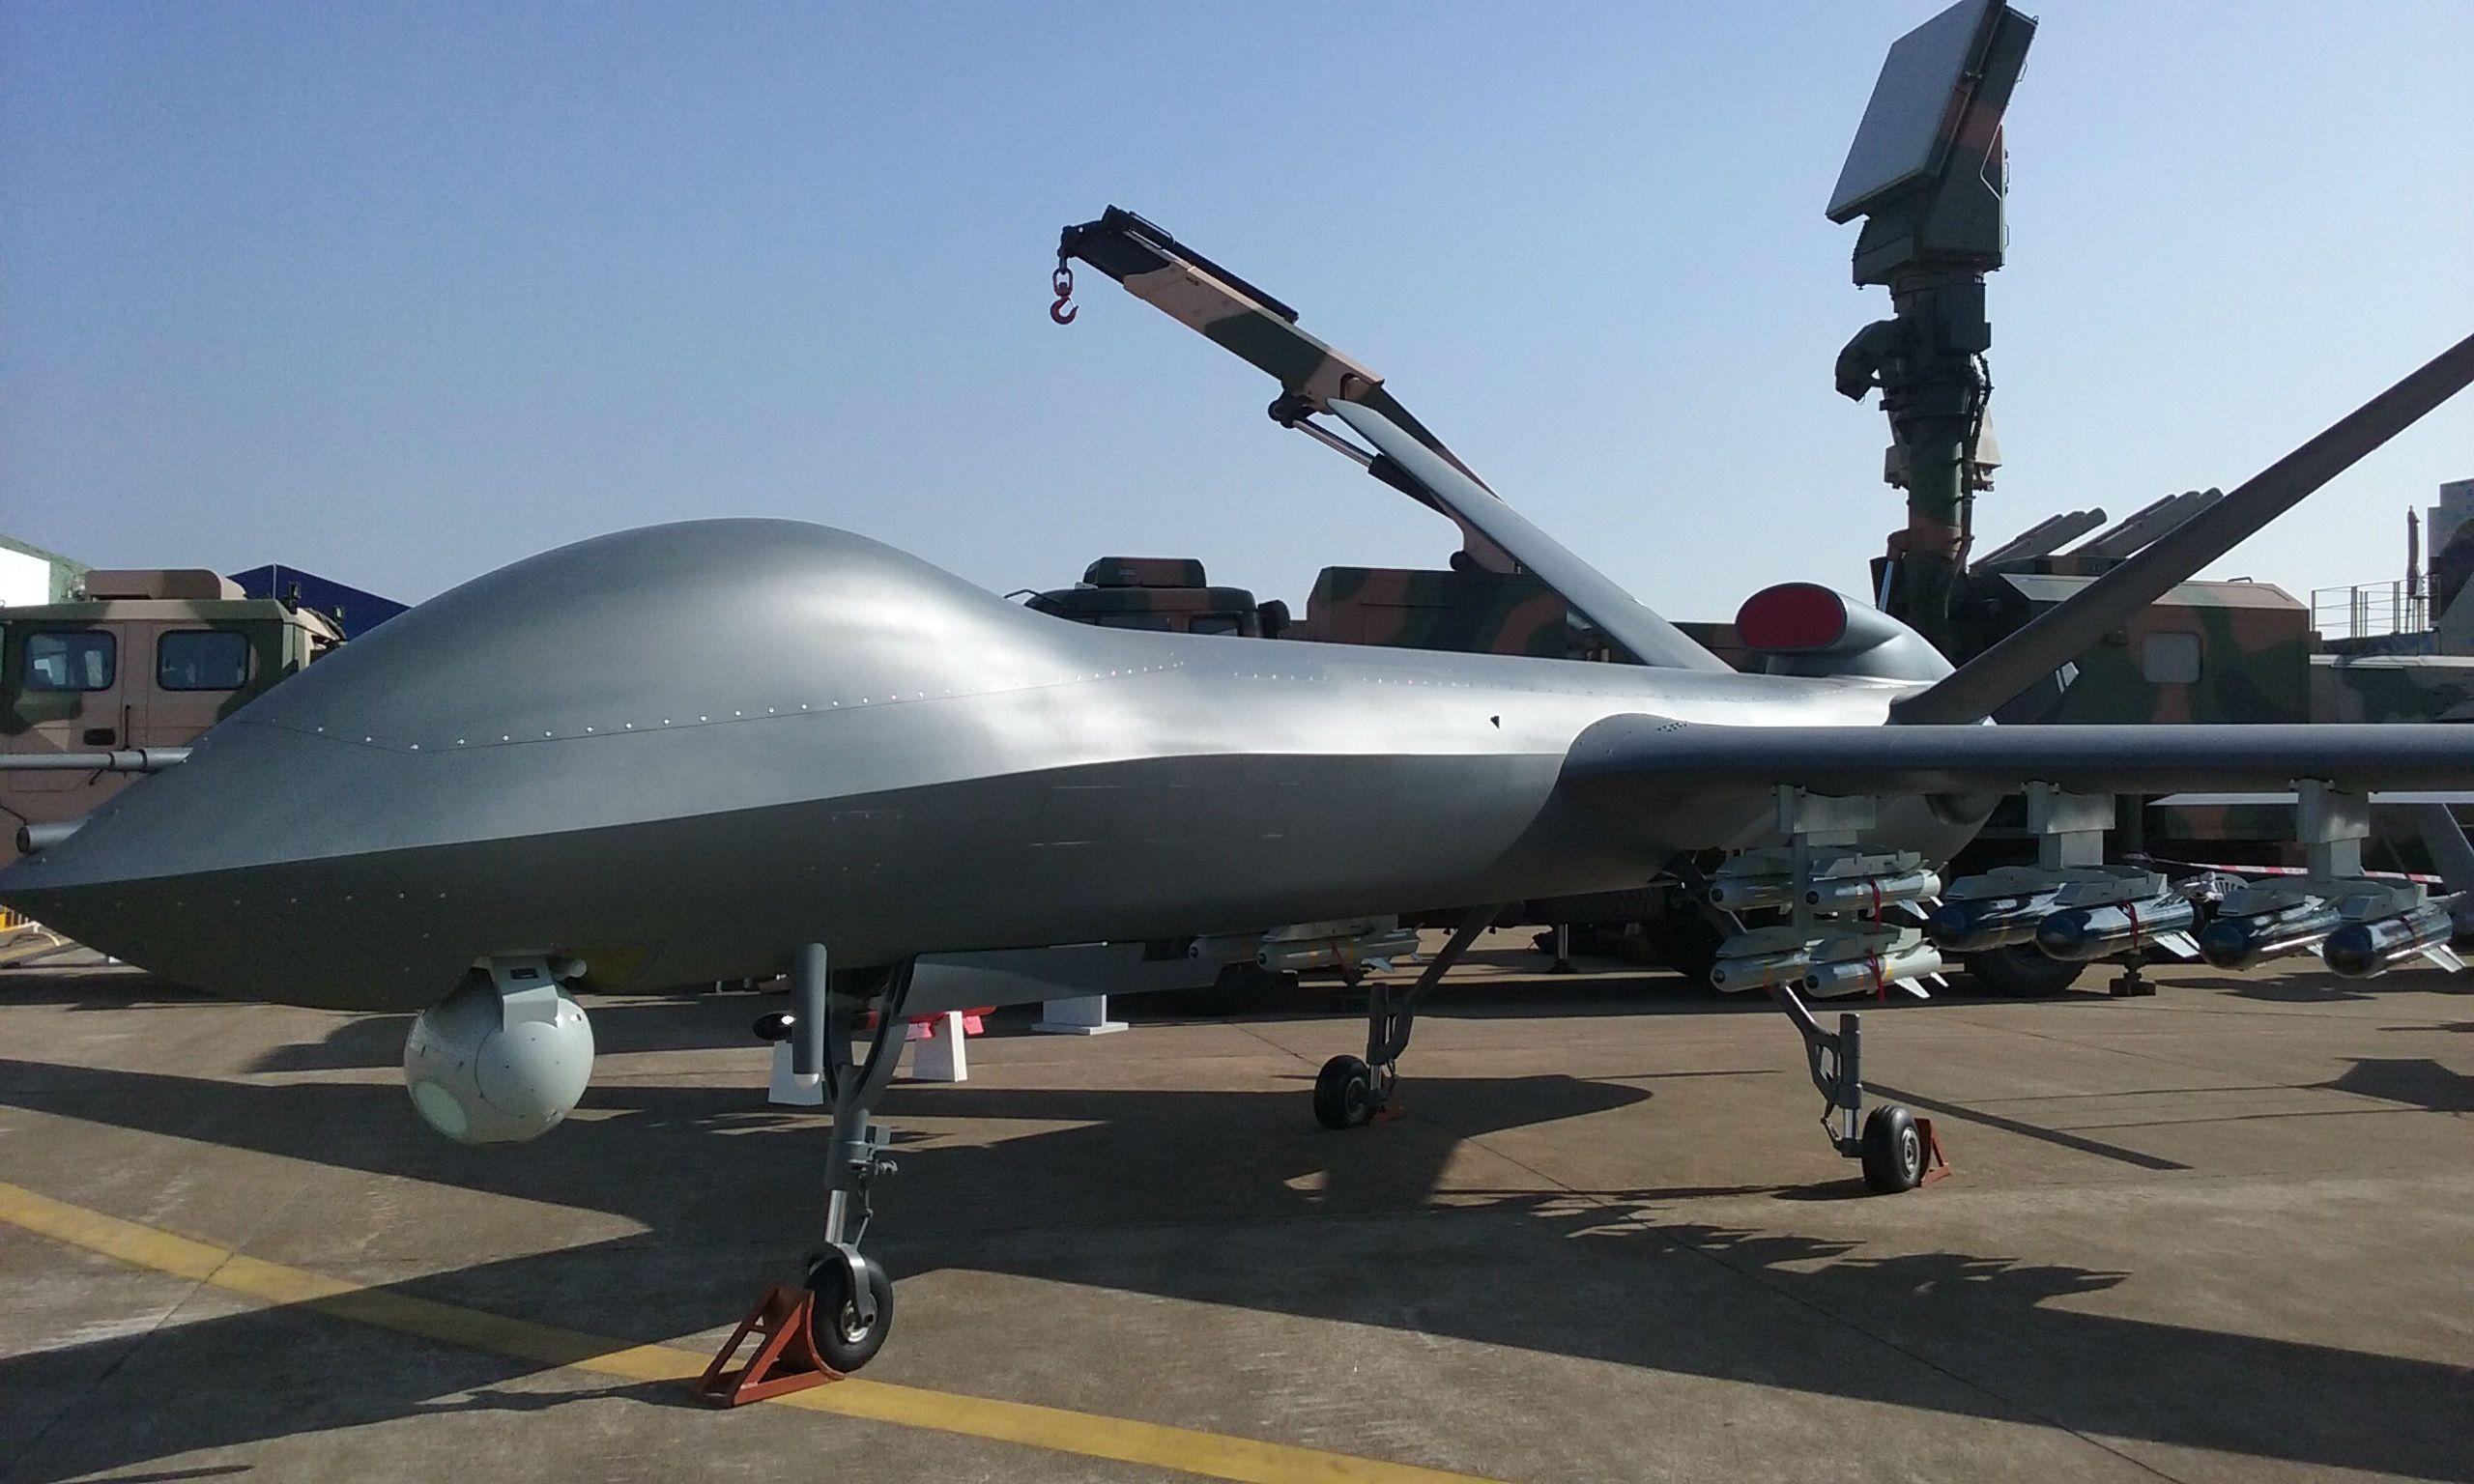 升级版彩虹4完成密集投弹试验,彩虹系列无人机在中国无人机中是何地位图片